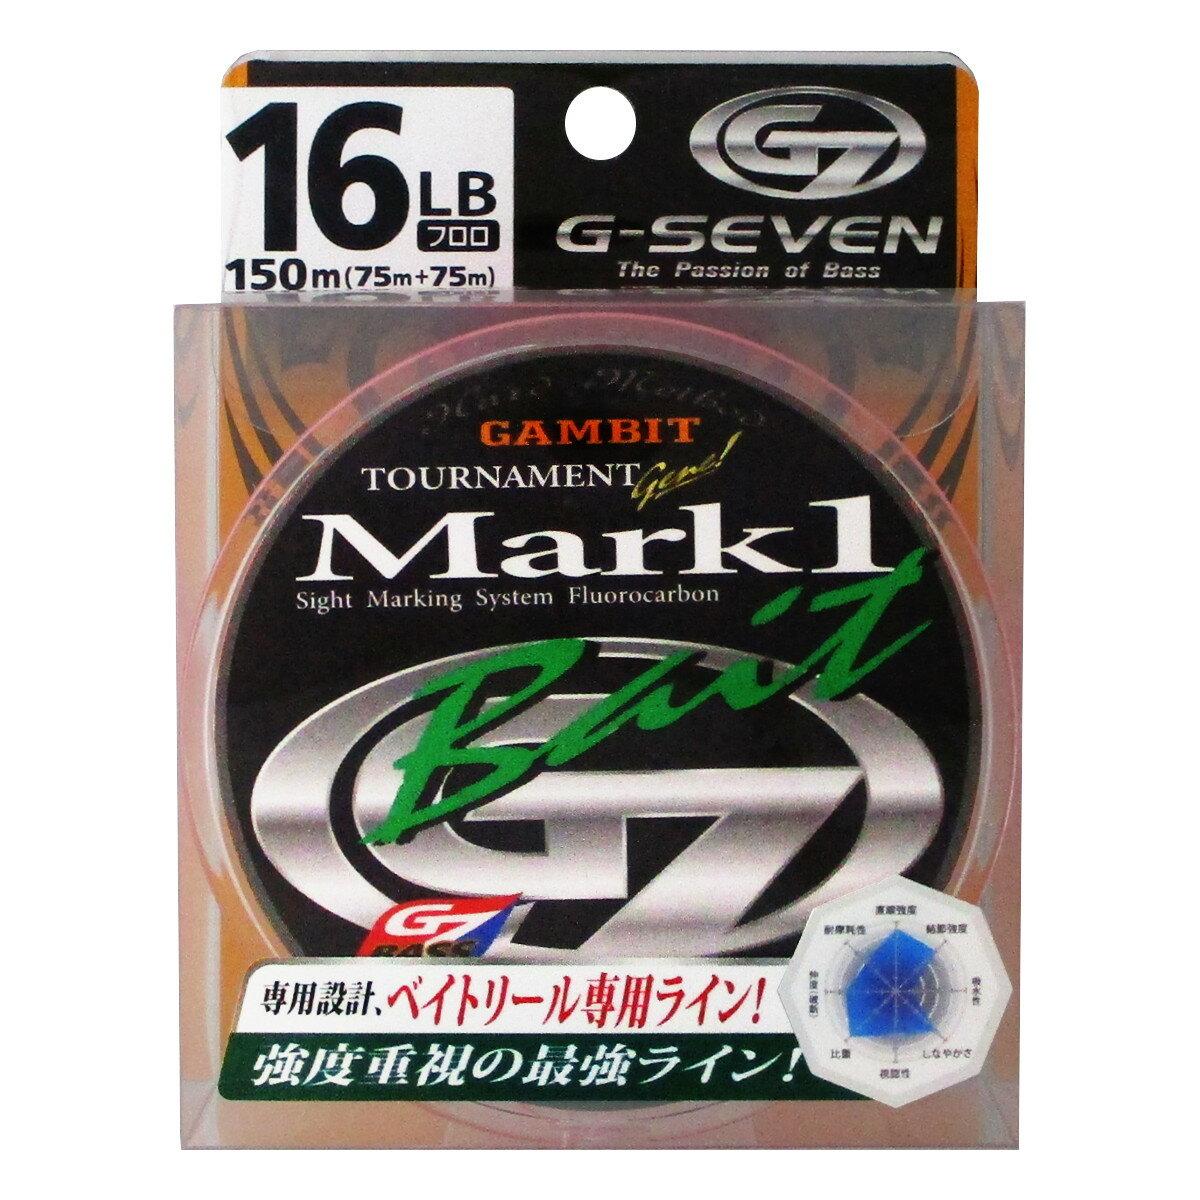 ラインシステム G7 トーナメントジーン MARK1 ベイト G3116C 150m 16lb【ゆうパケット】